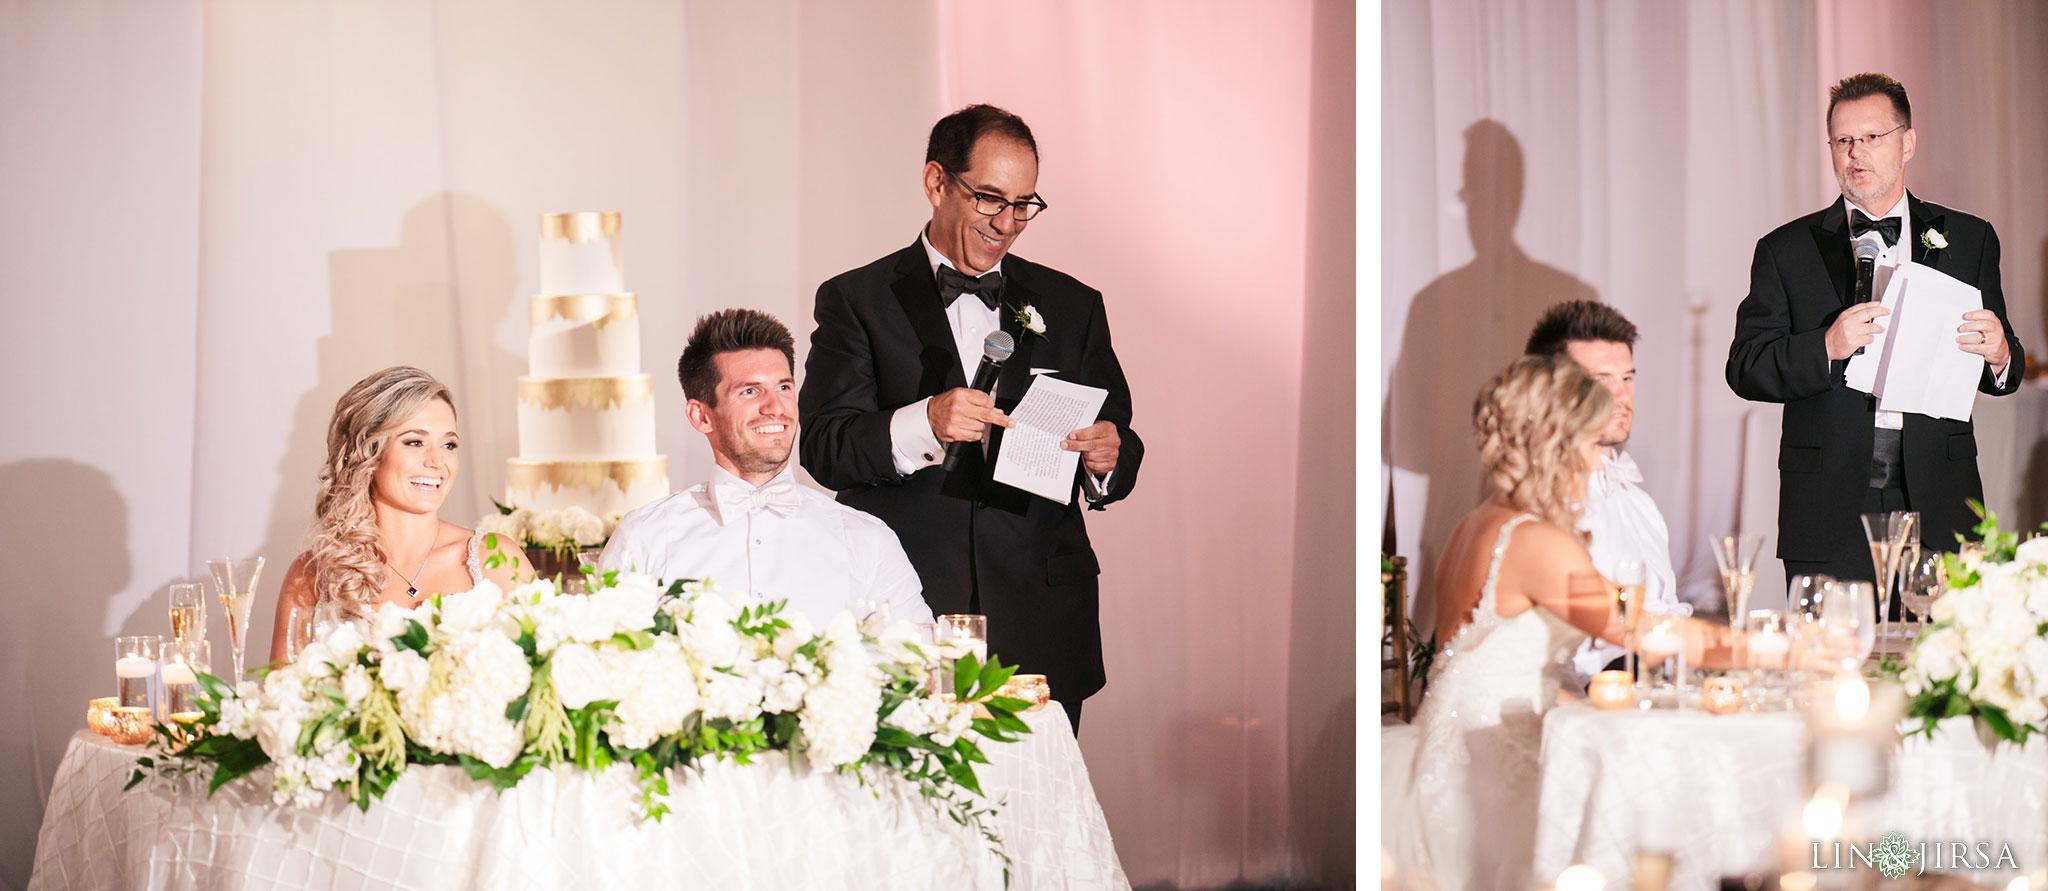 37 balboa bay wedding newport photography